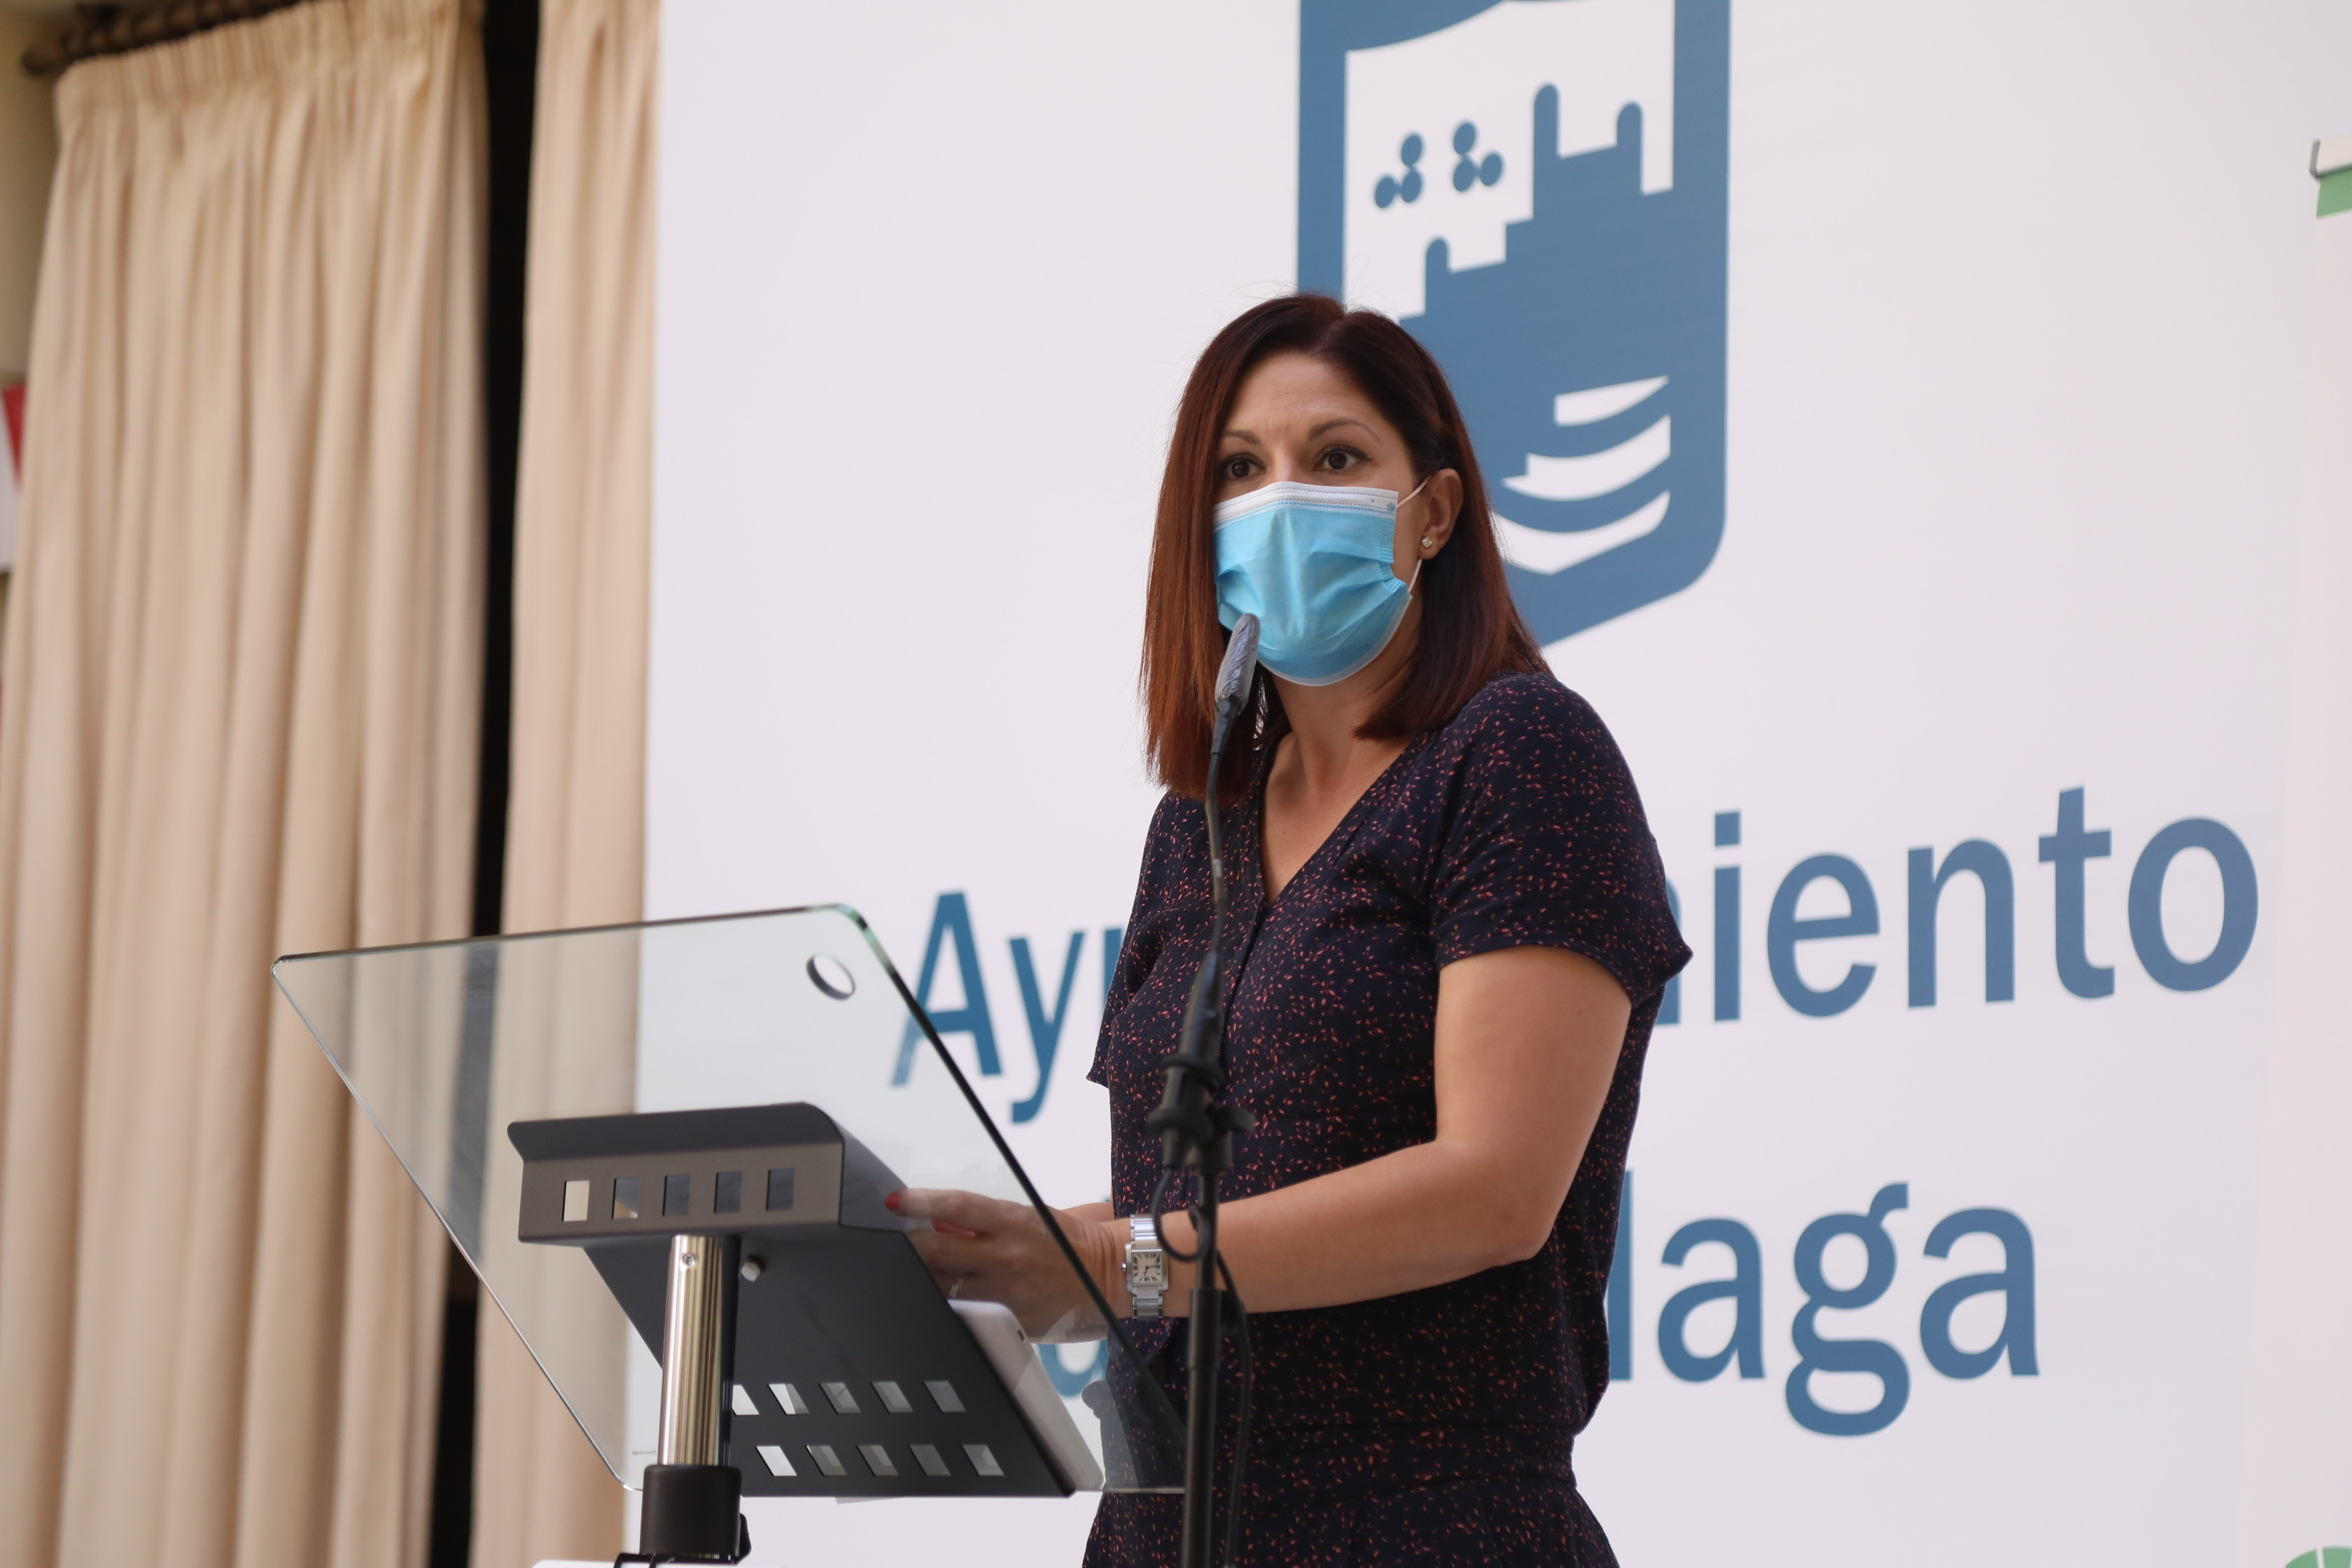 La escritora sevillana Rocío Rojas-Marcos gana el XXVIII Premio de Poesía Manuel Alcántara